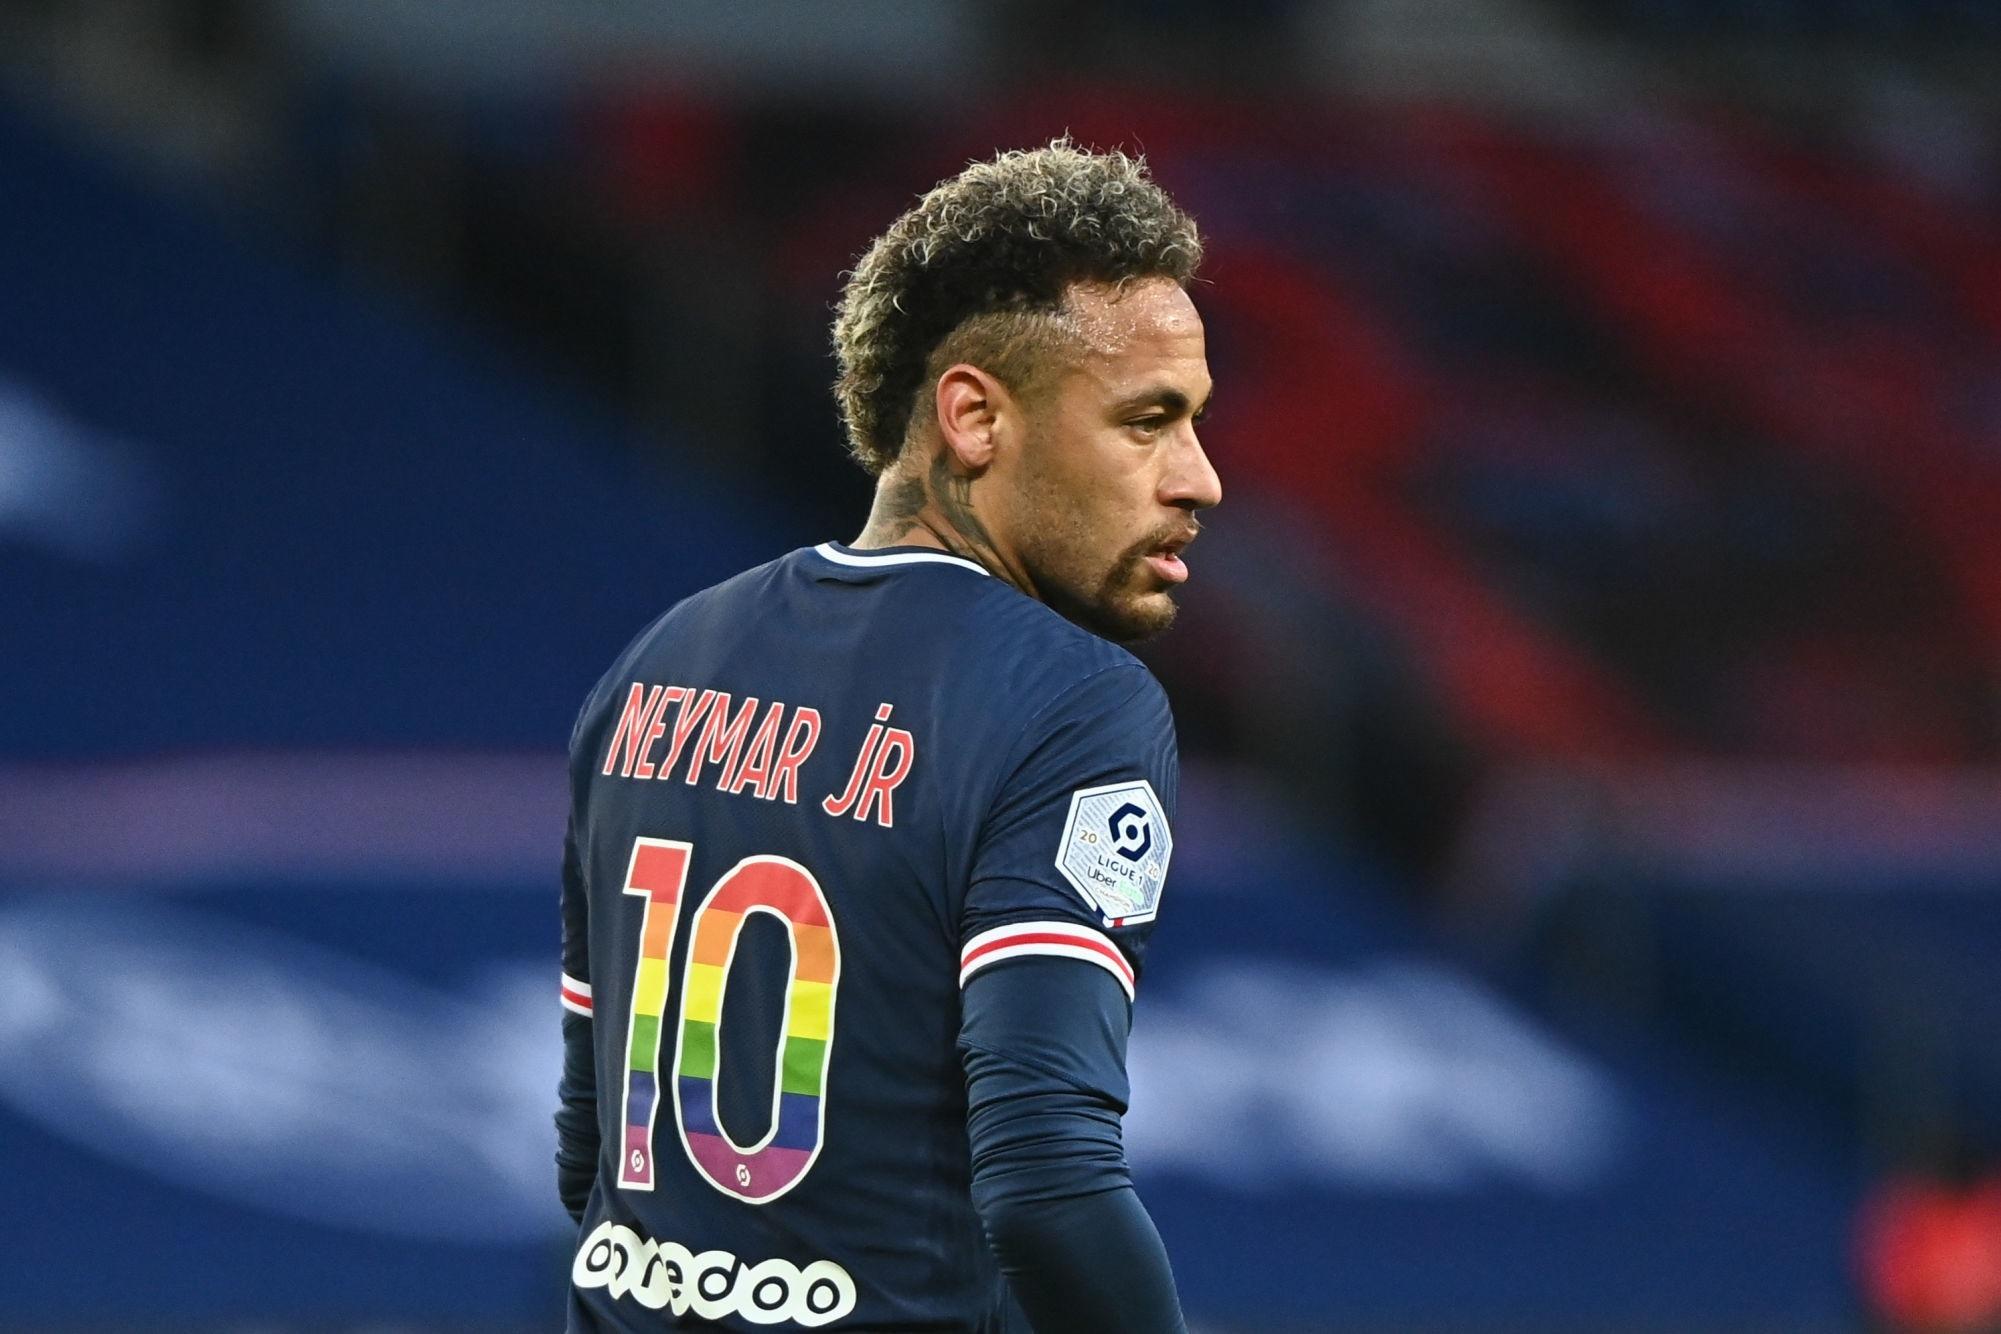 """Neymar répond aux accusations """"Ils ne m'ont rien dit"""""""